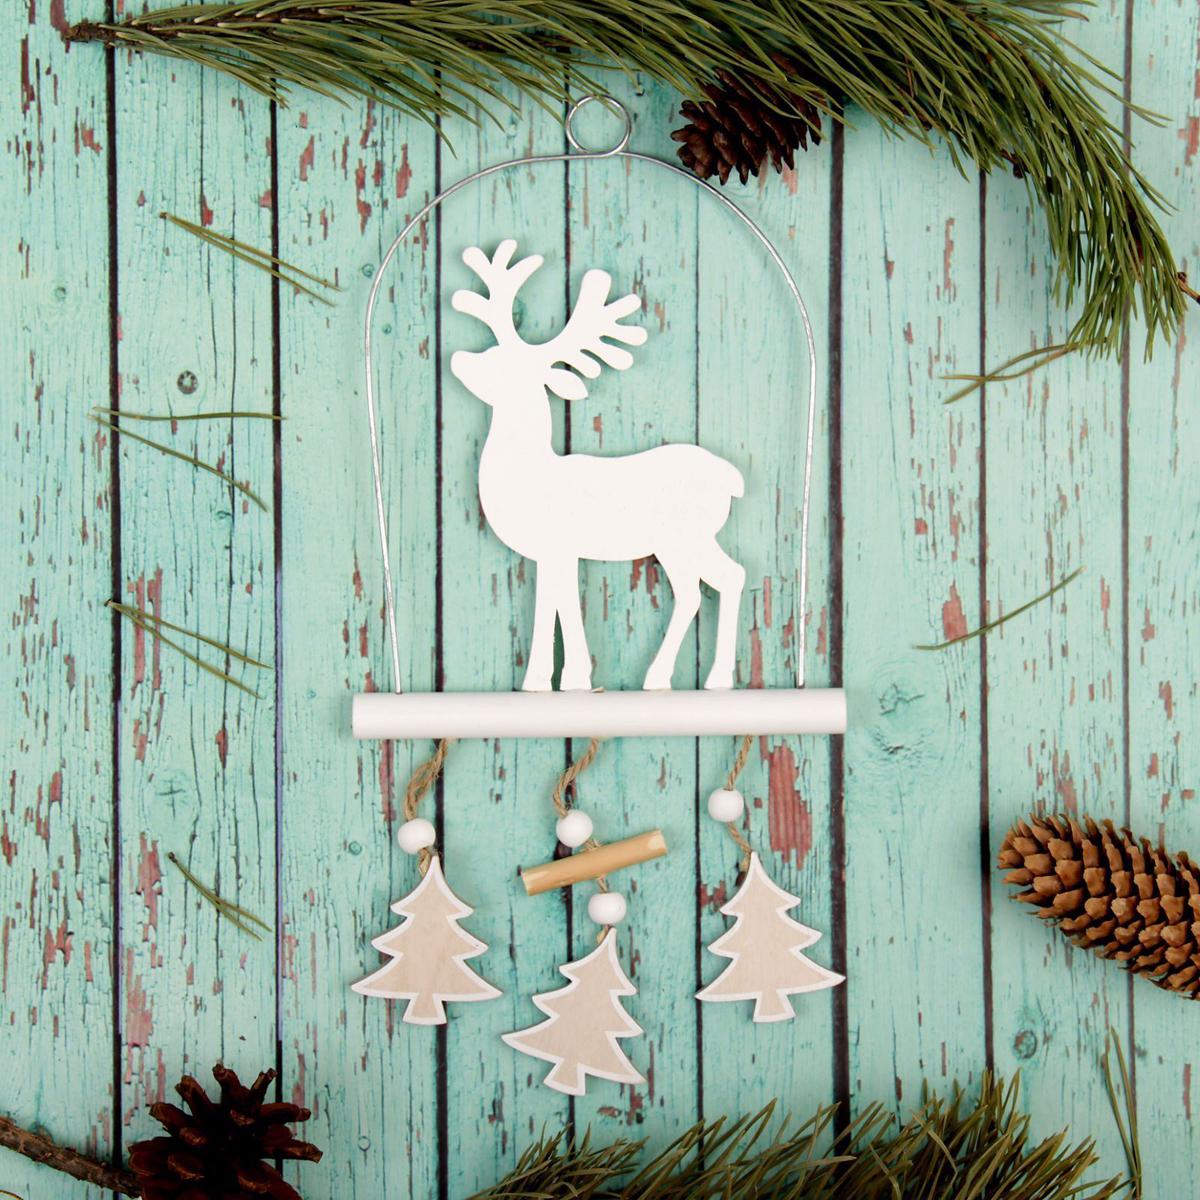 Новогоднее подвесное украшение Sima-land Олень, 17,5 х 13,5 см2277515Новогоднее подвесное украшение Sima-land отлично подойдет для декорации вашего дома и новогодней ели. Новогоднее украшение можно повесить в любом понравившемся вам месте. Но, конечно, удачнее всего оно будет смотреться на праздничной елке.Елочная игрушка - символ Нового года. Она несет в себе волшебство и красоту праздника. Такое украшение создаст в вашем доме атмосферу праздника, веселья и радости.